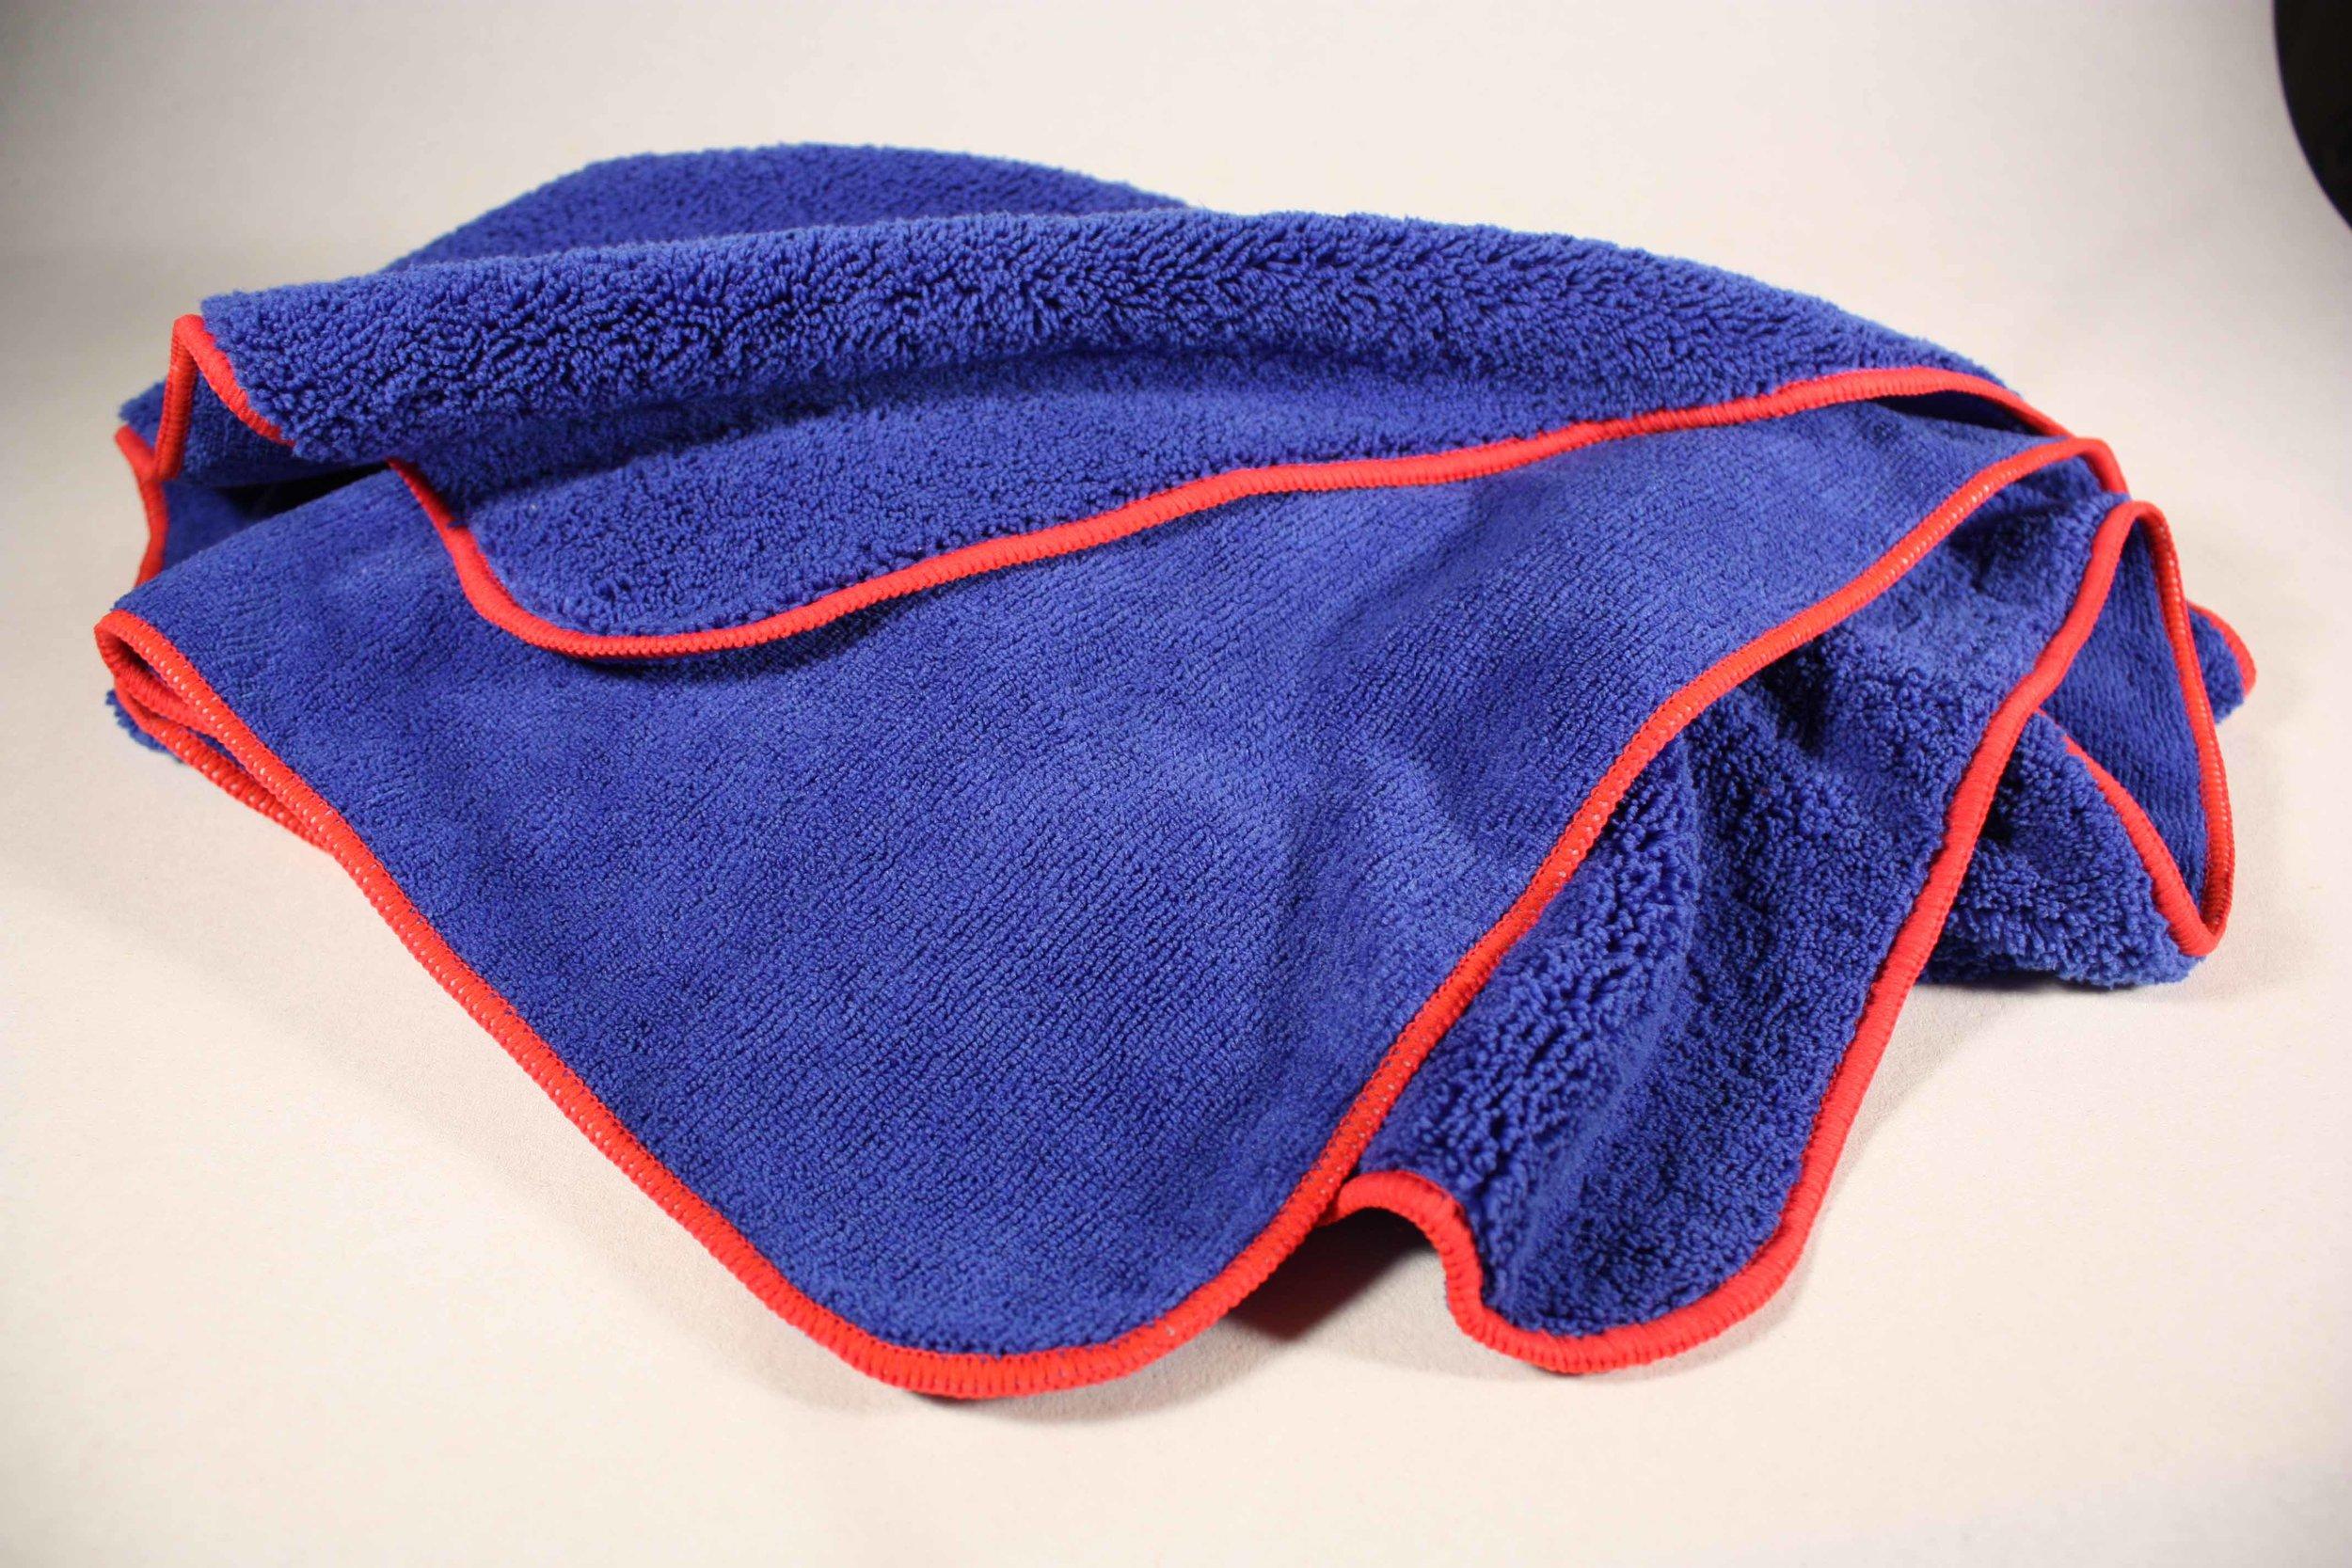 DRY TOWEL 90x60cm - NL Dubbelzijdige microvezel droog handdoek. Glijd gemakkelijk over de lak met een uitzonderlijk absorberend vermogen.FR Essuie microbibre double faceENDouble face microfibre towel, slide very well on surface and absob water incrediblely.